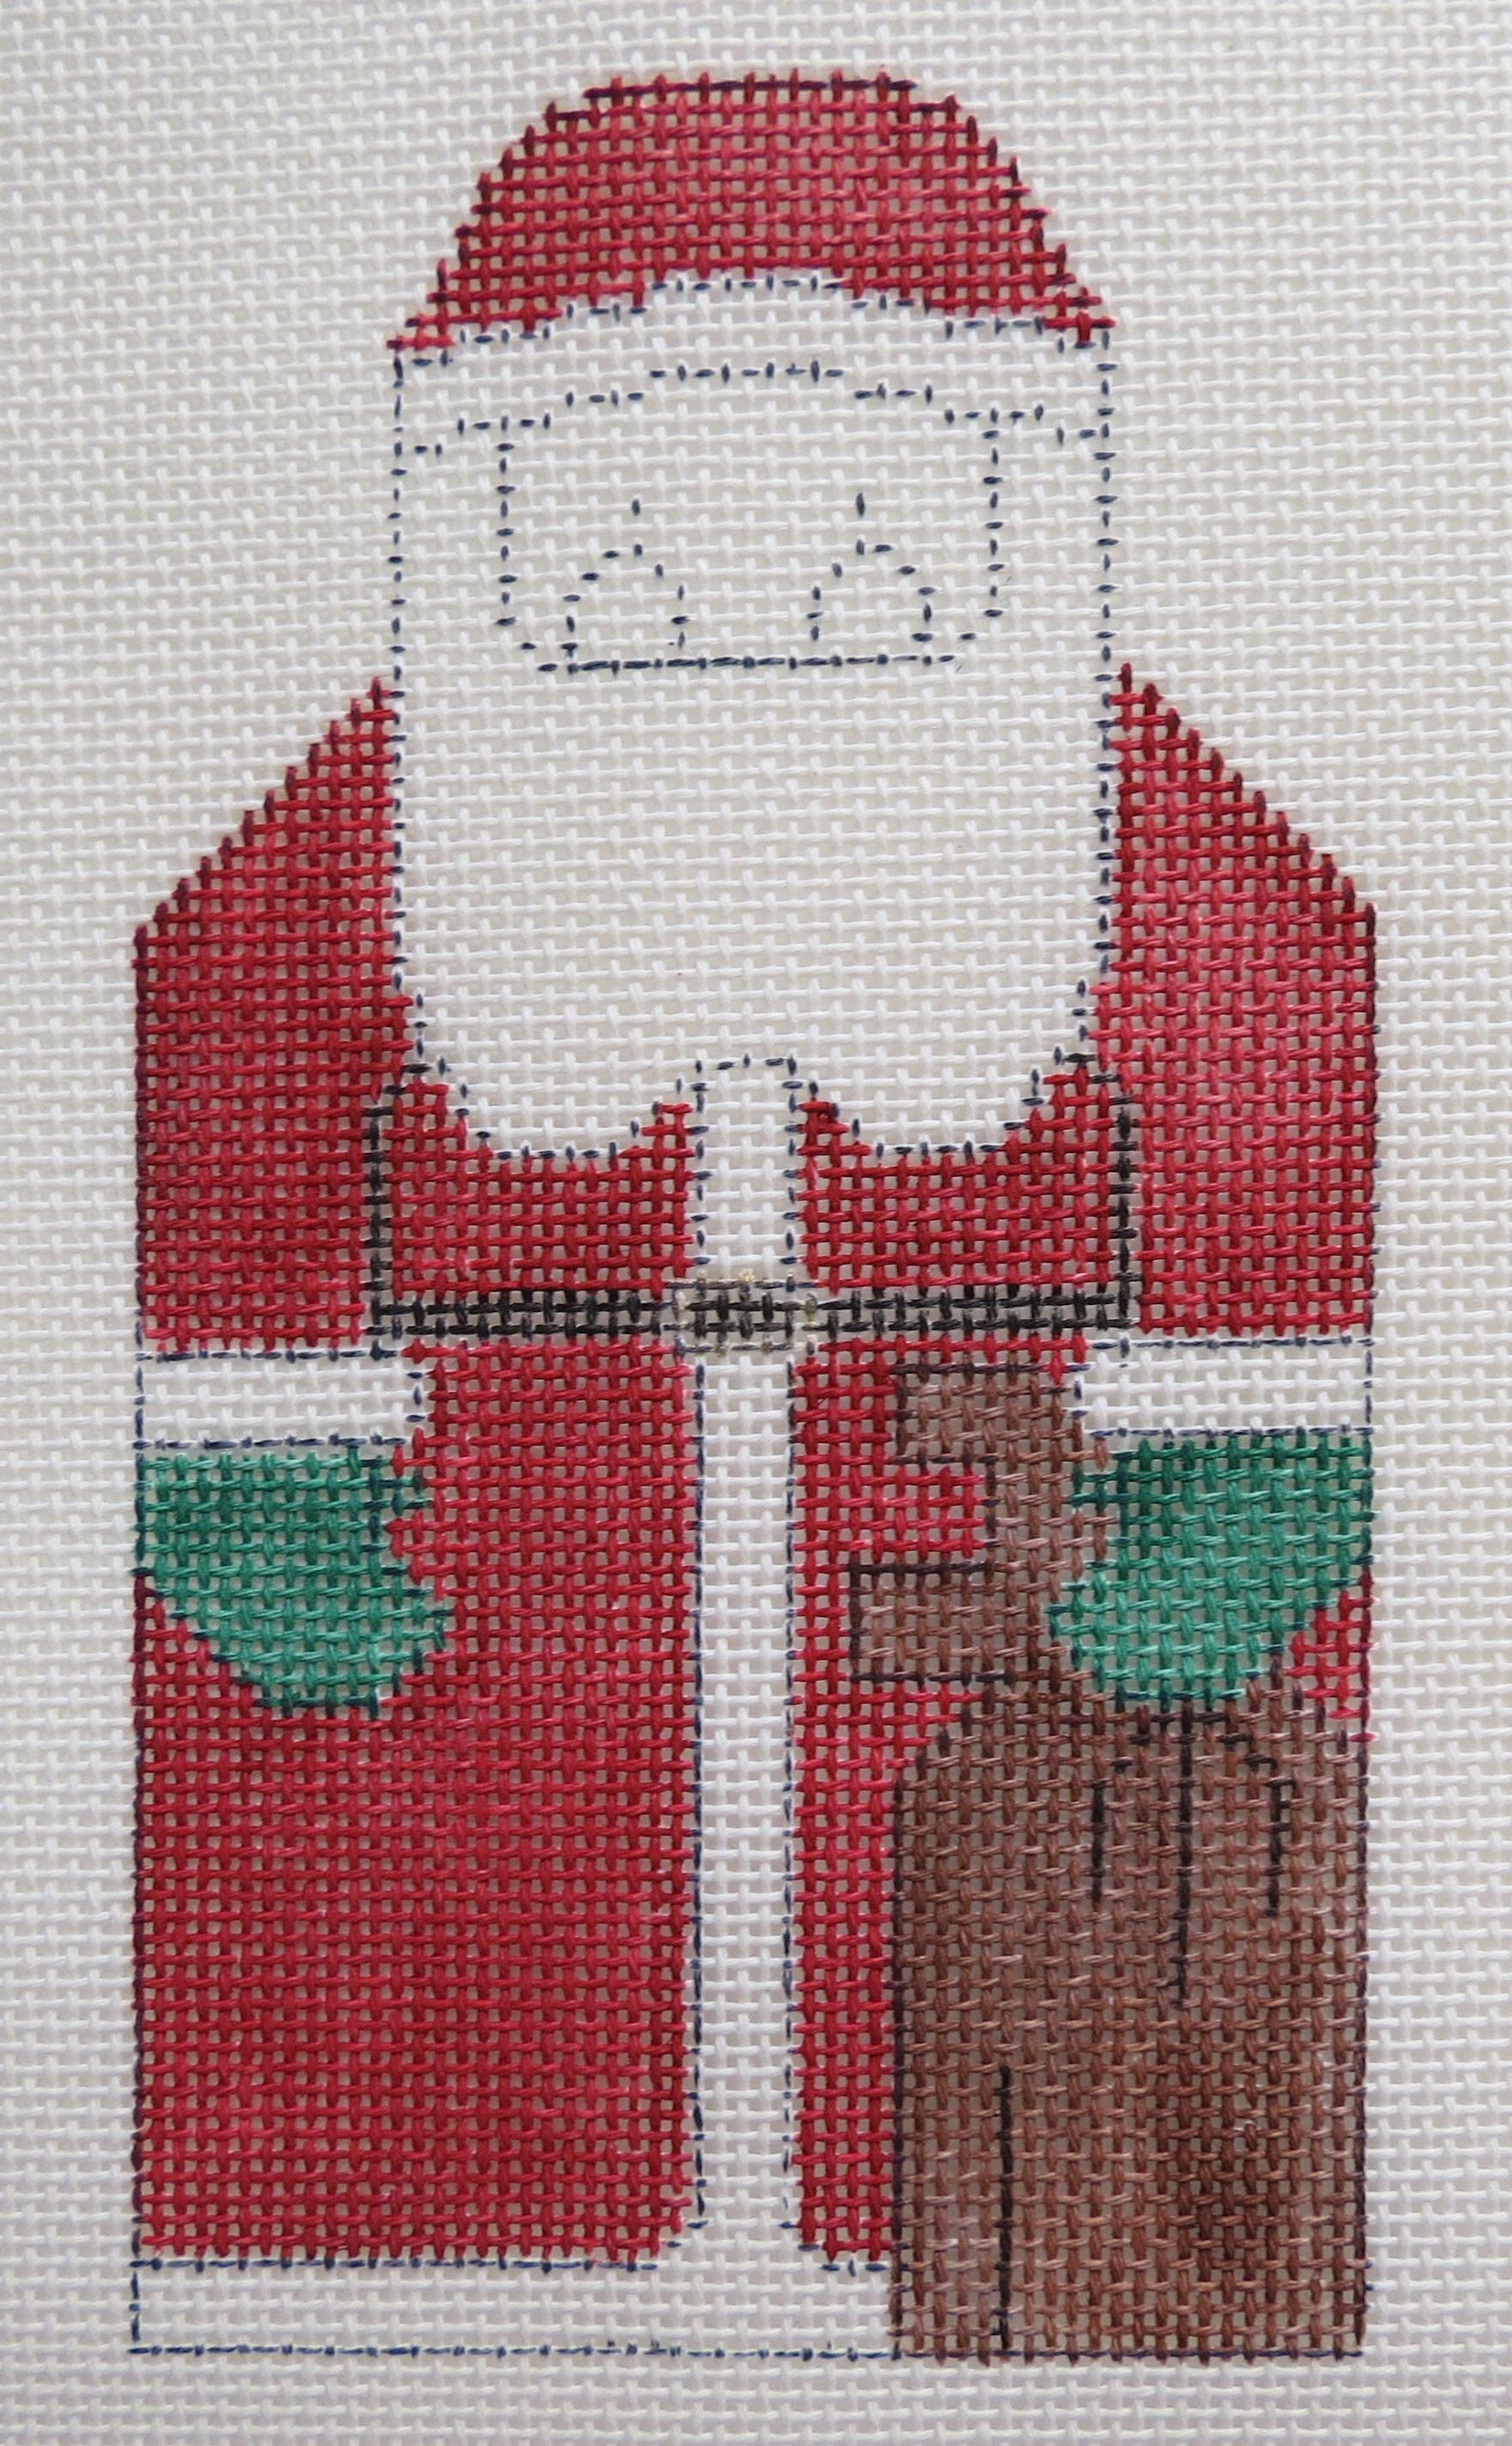 Stitcher's Santa